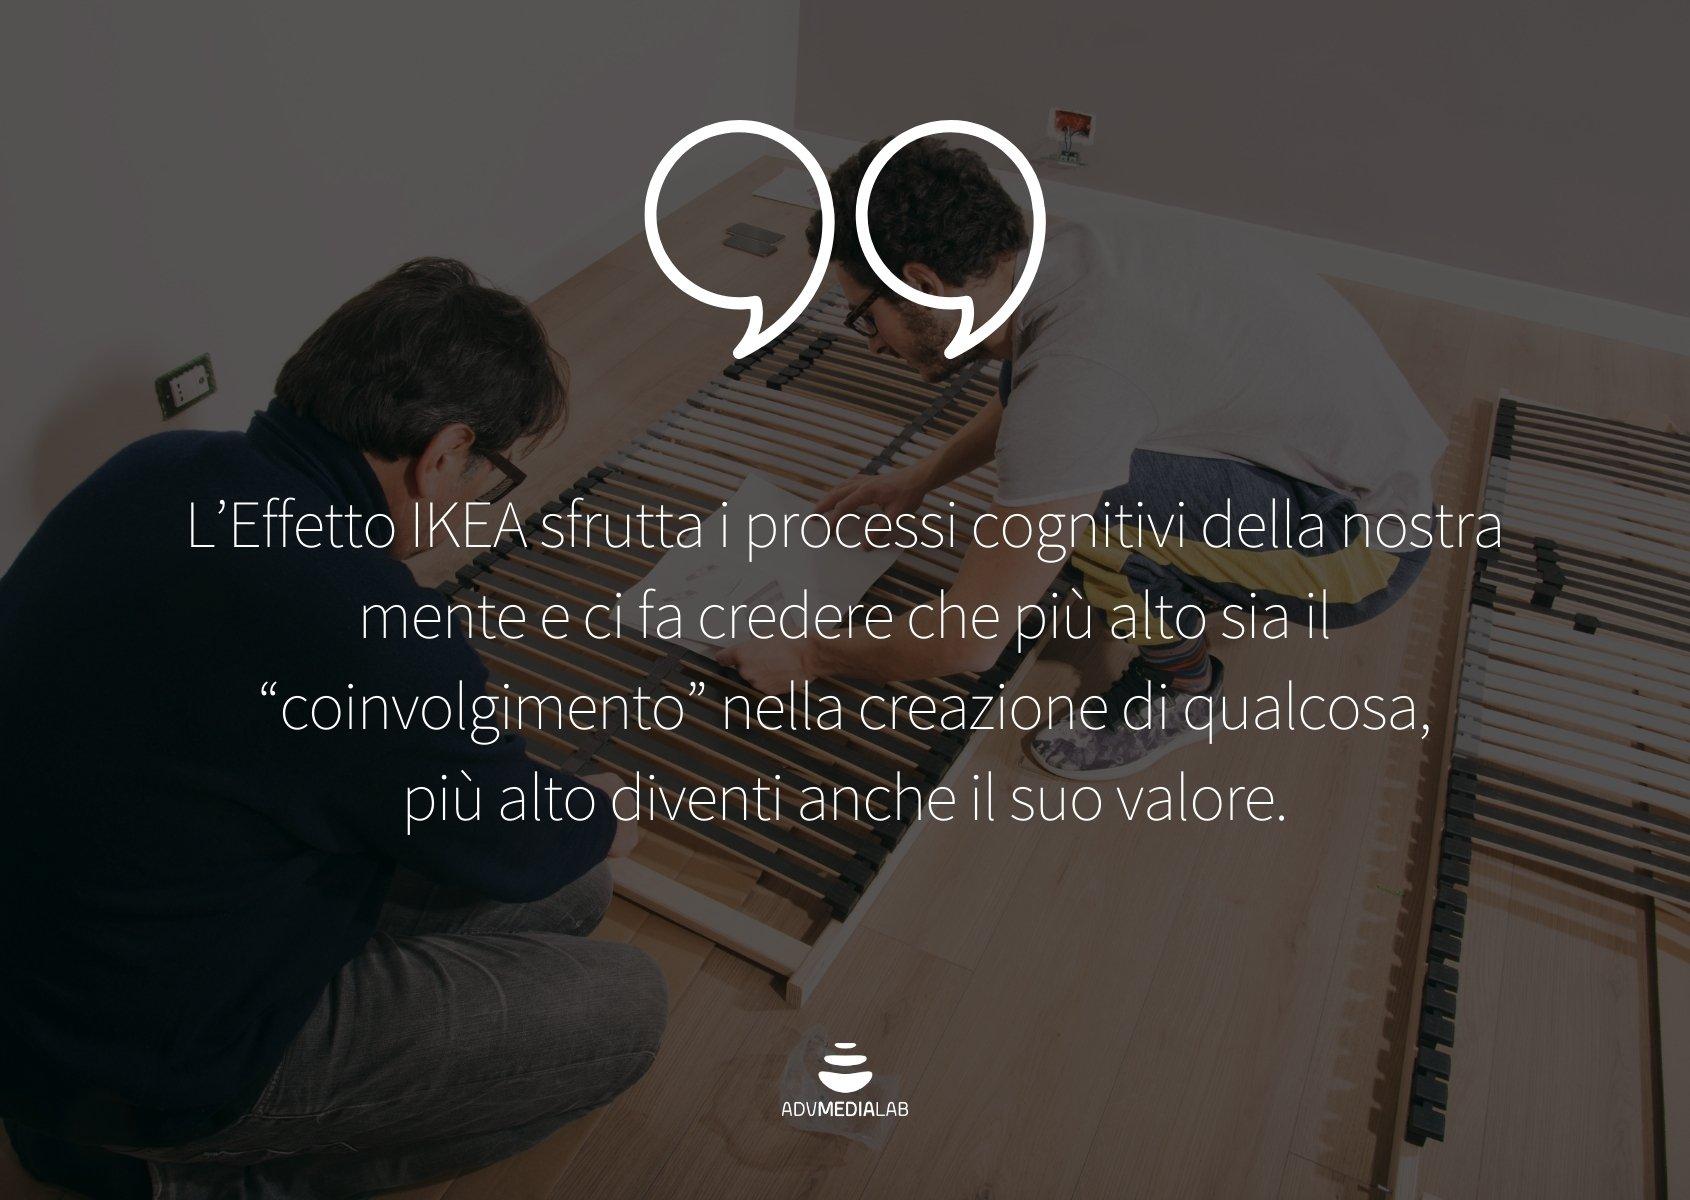 Effetto-ikea-quote3